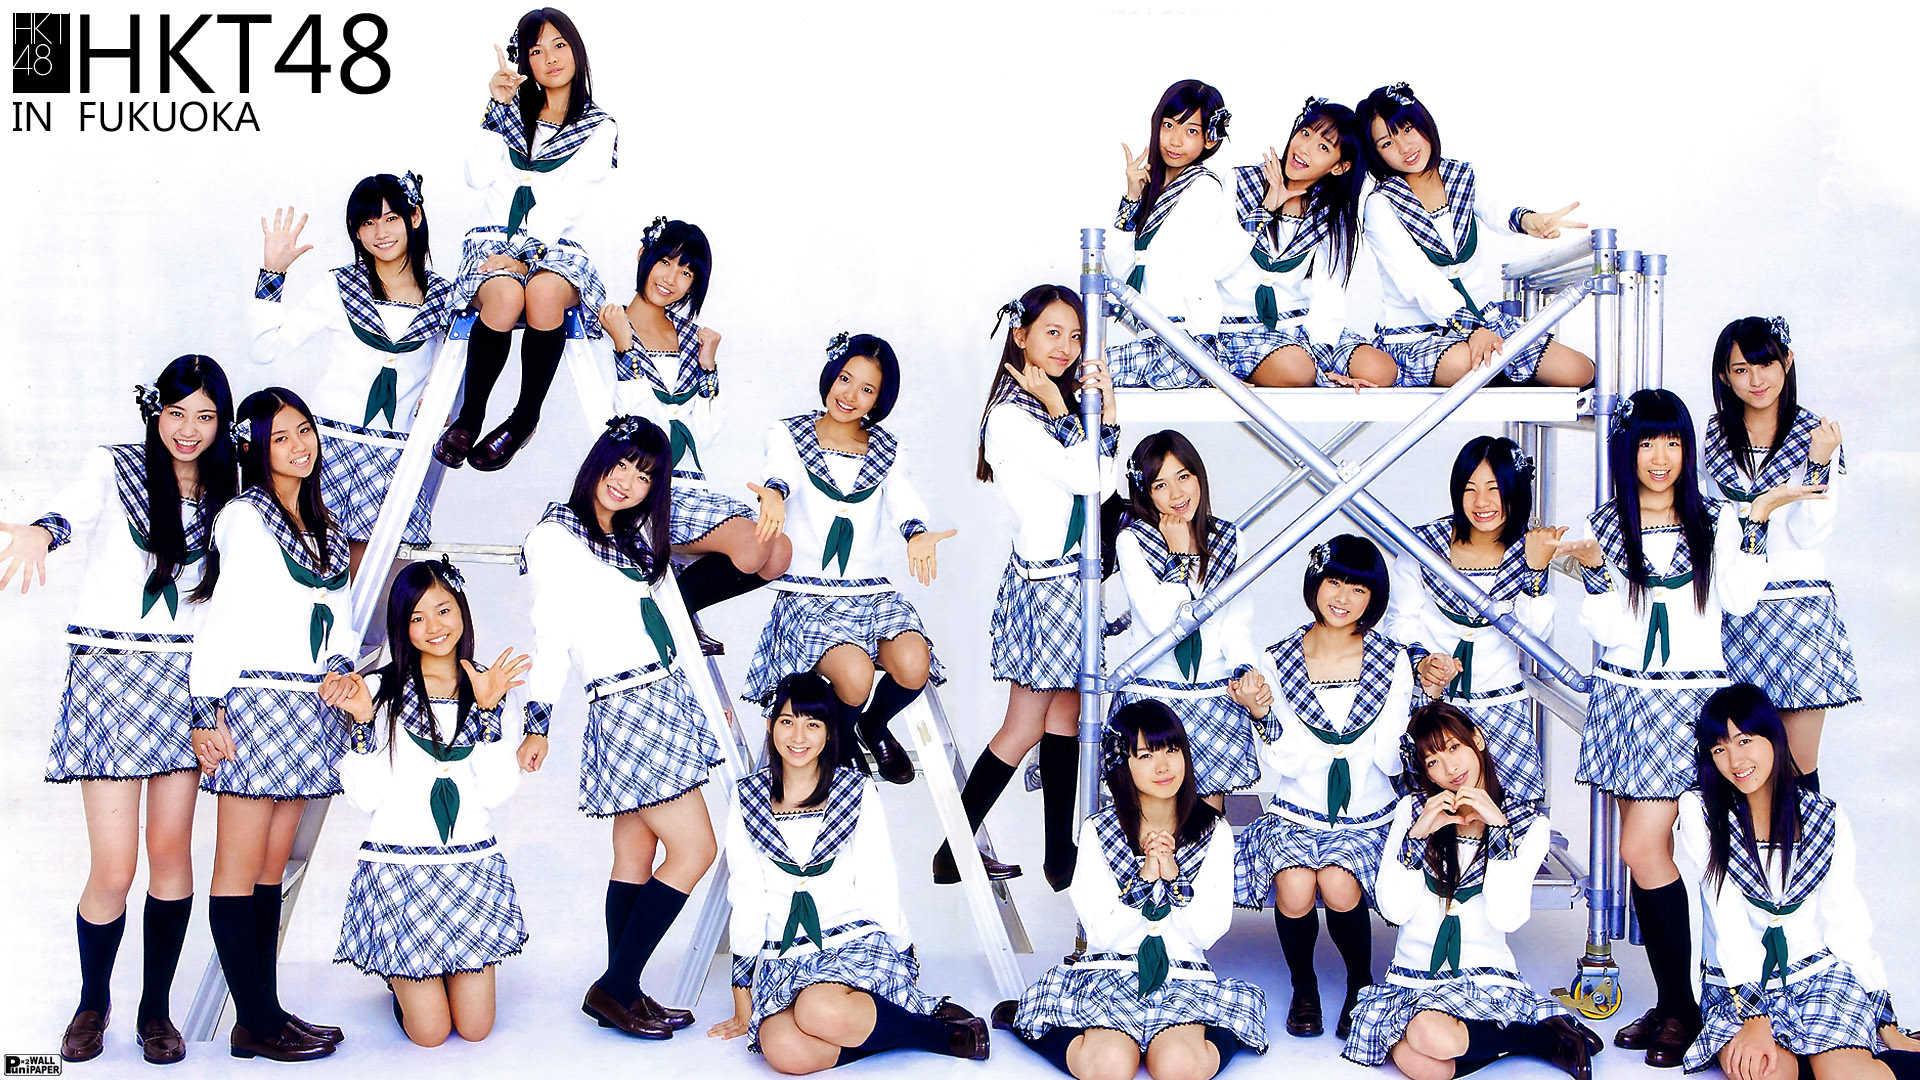 """HKT48 cmdaikonHKT48lawson · HKT48 Official History book: """"Kusattara, make"""""""